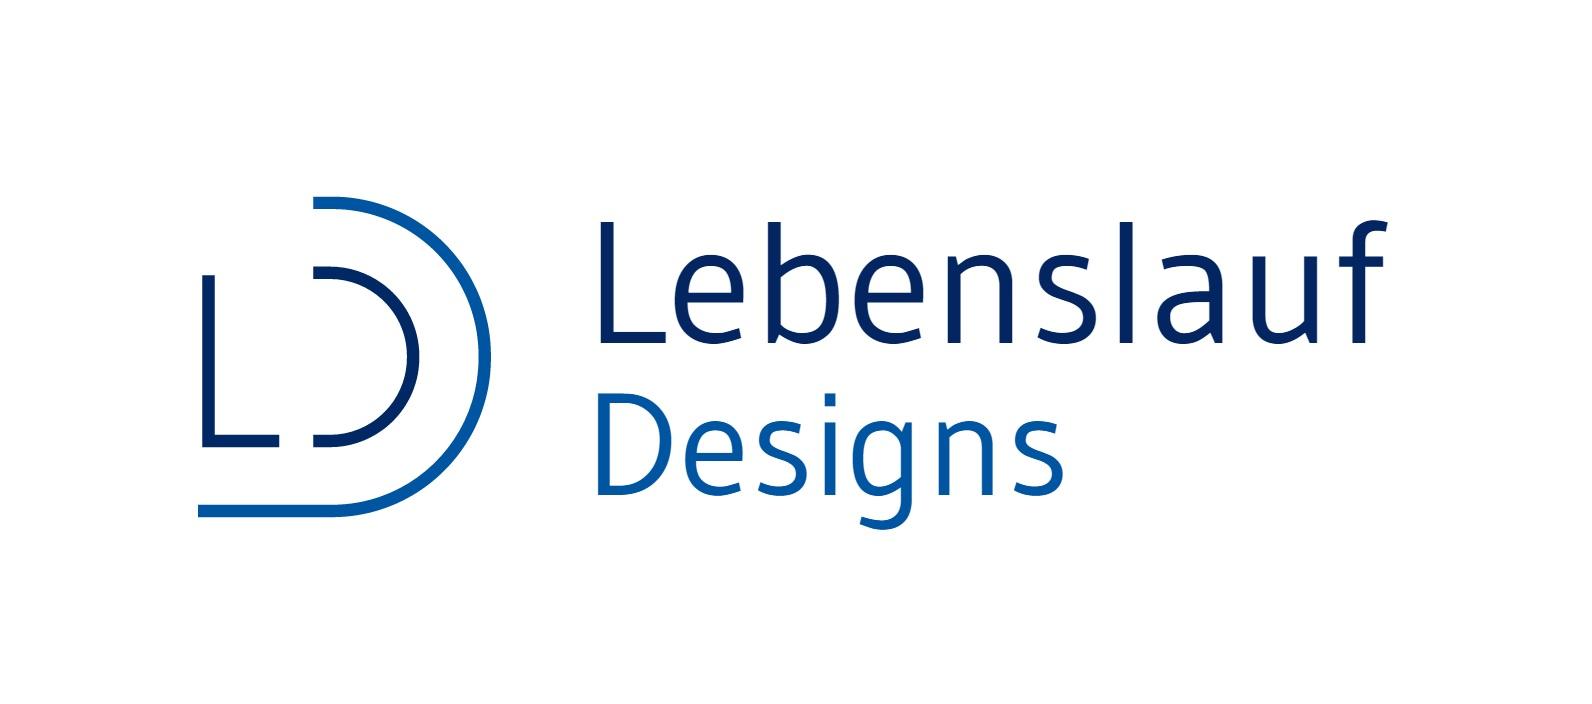 77 Lebenslauf Muster und Vorlagen für 2018 | lebenslaufdesigns.de